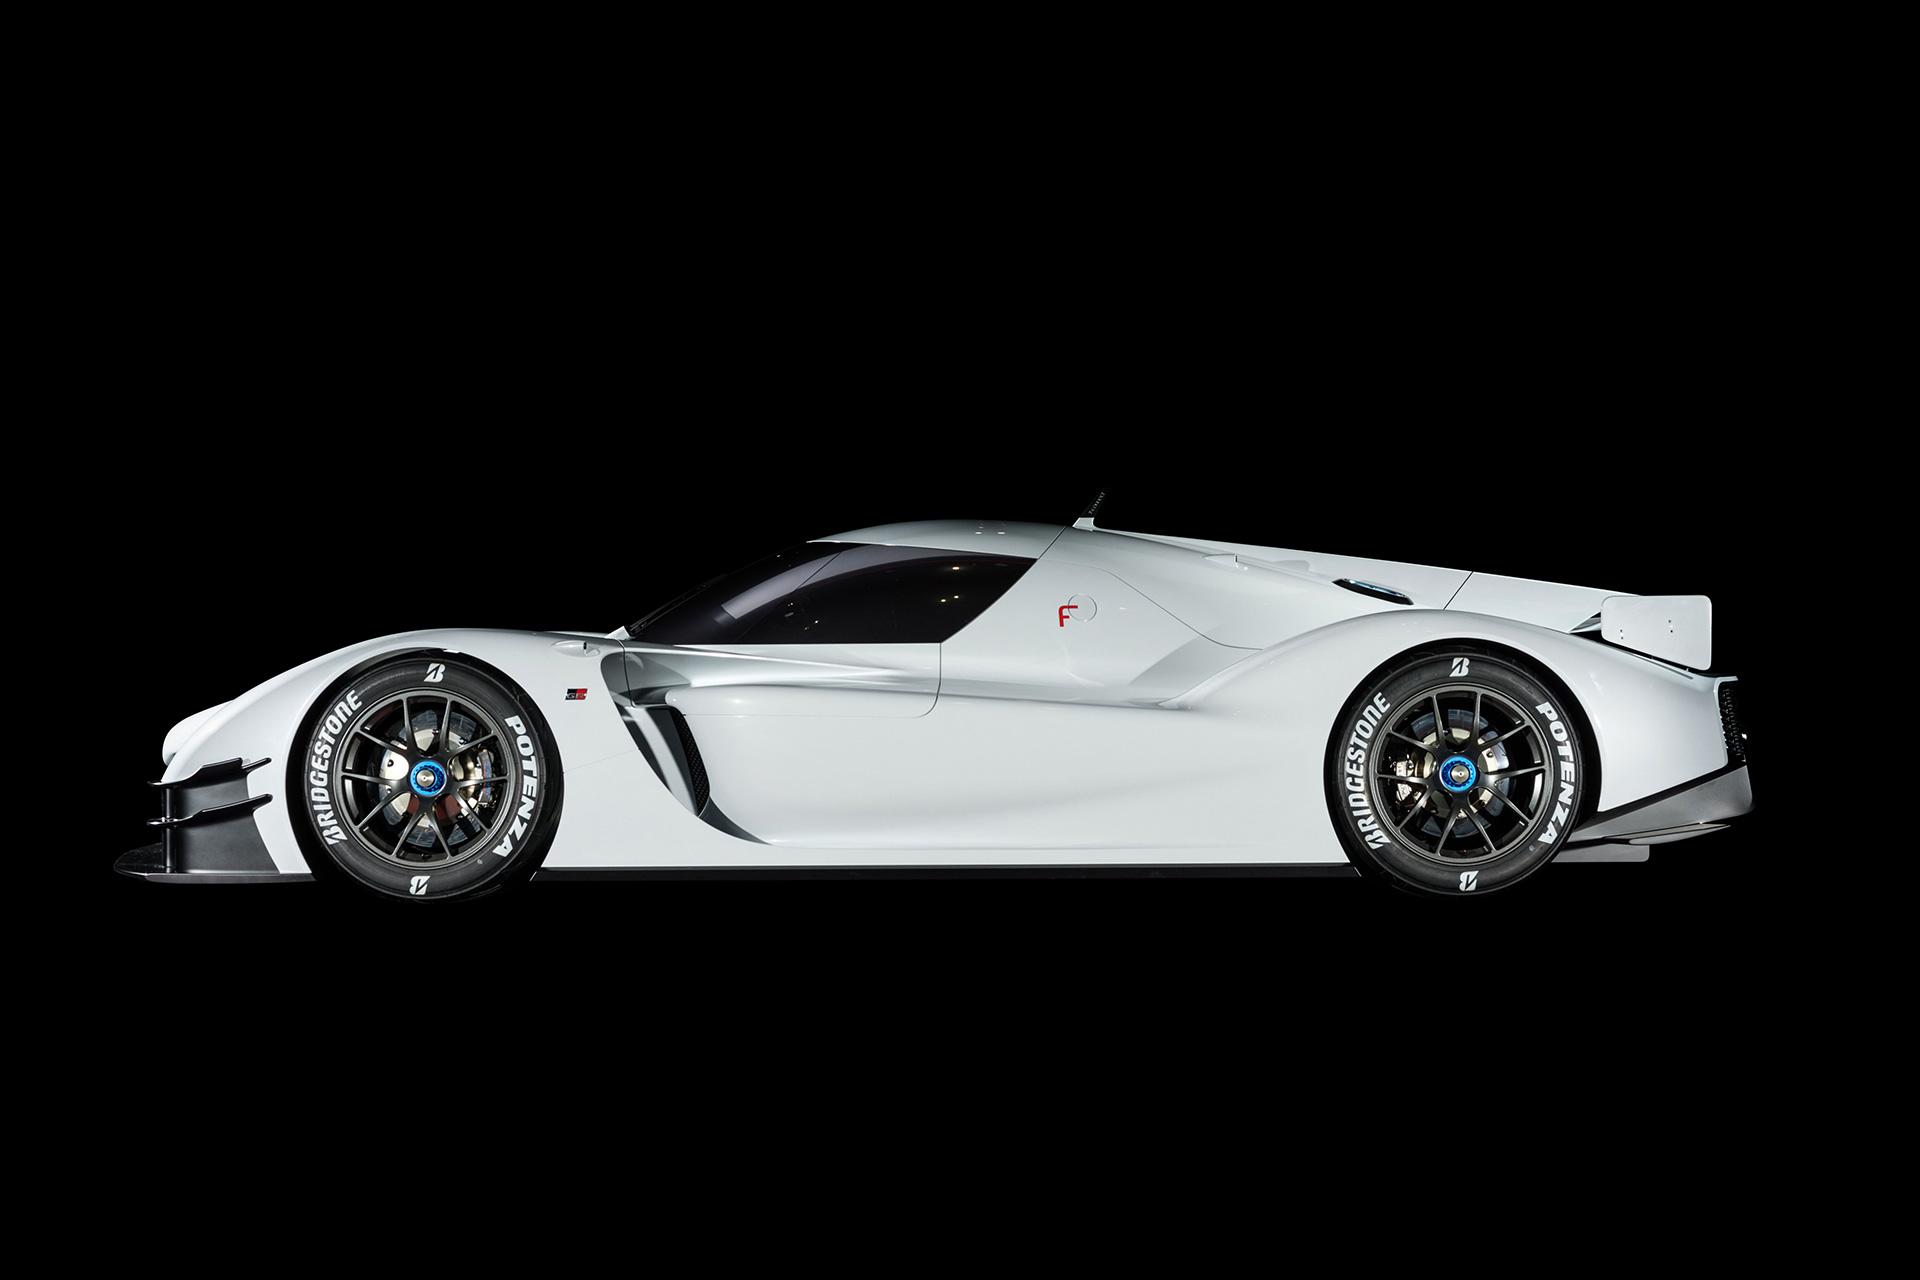 「1億円オーバーの国産車対決。スペシャルなGT-RとトヨタのGRスーパースポーツを比べてみたら……」の8枚目の画像